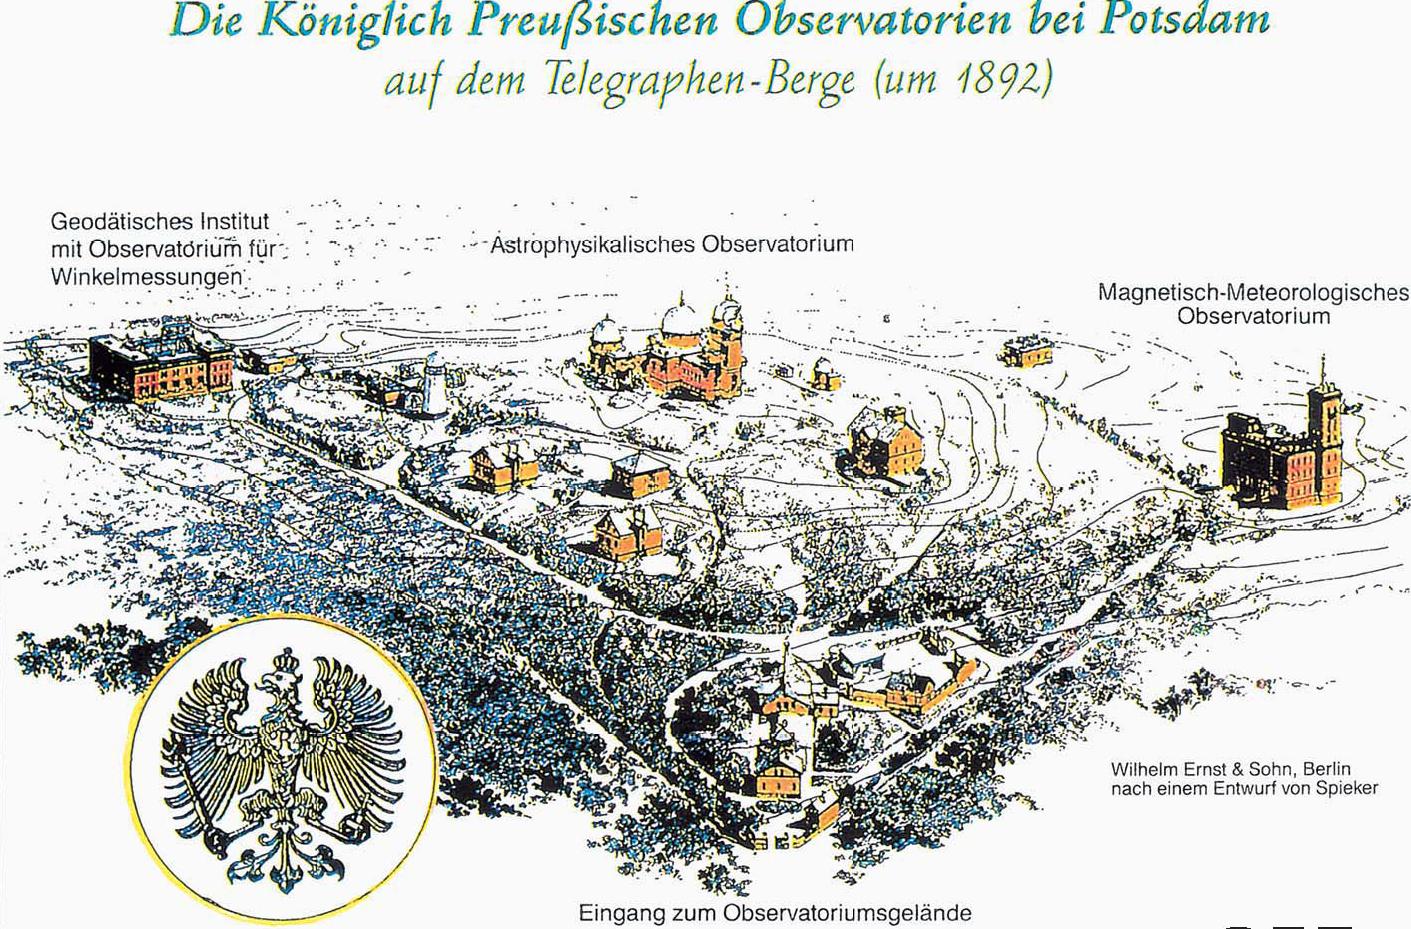 Gemälde der Königlich Preußischen Observatorien auf dem Telegrafenberg um 1892